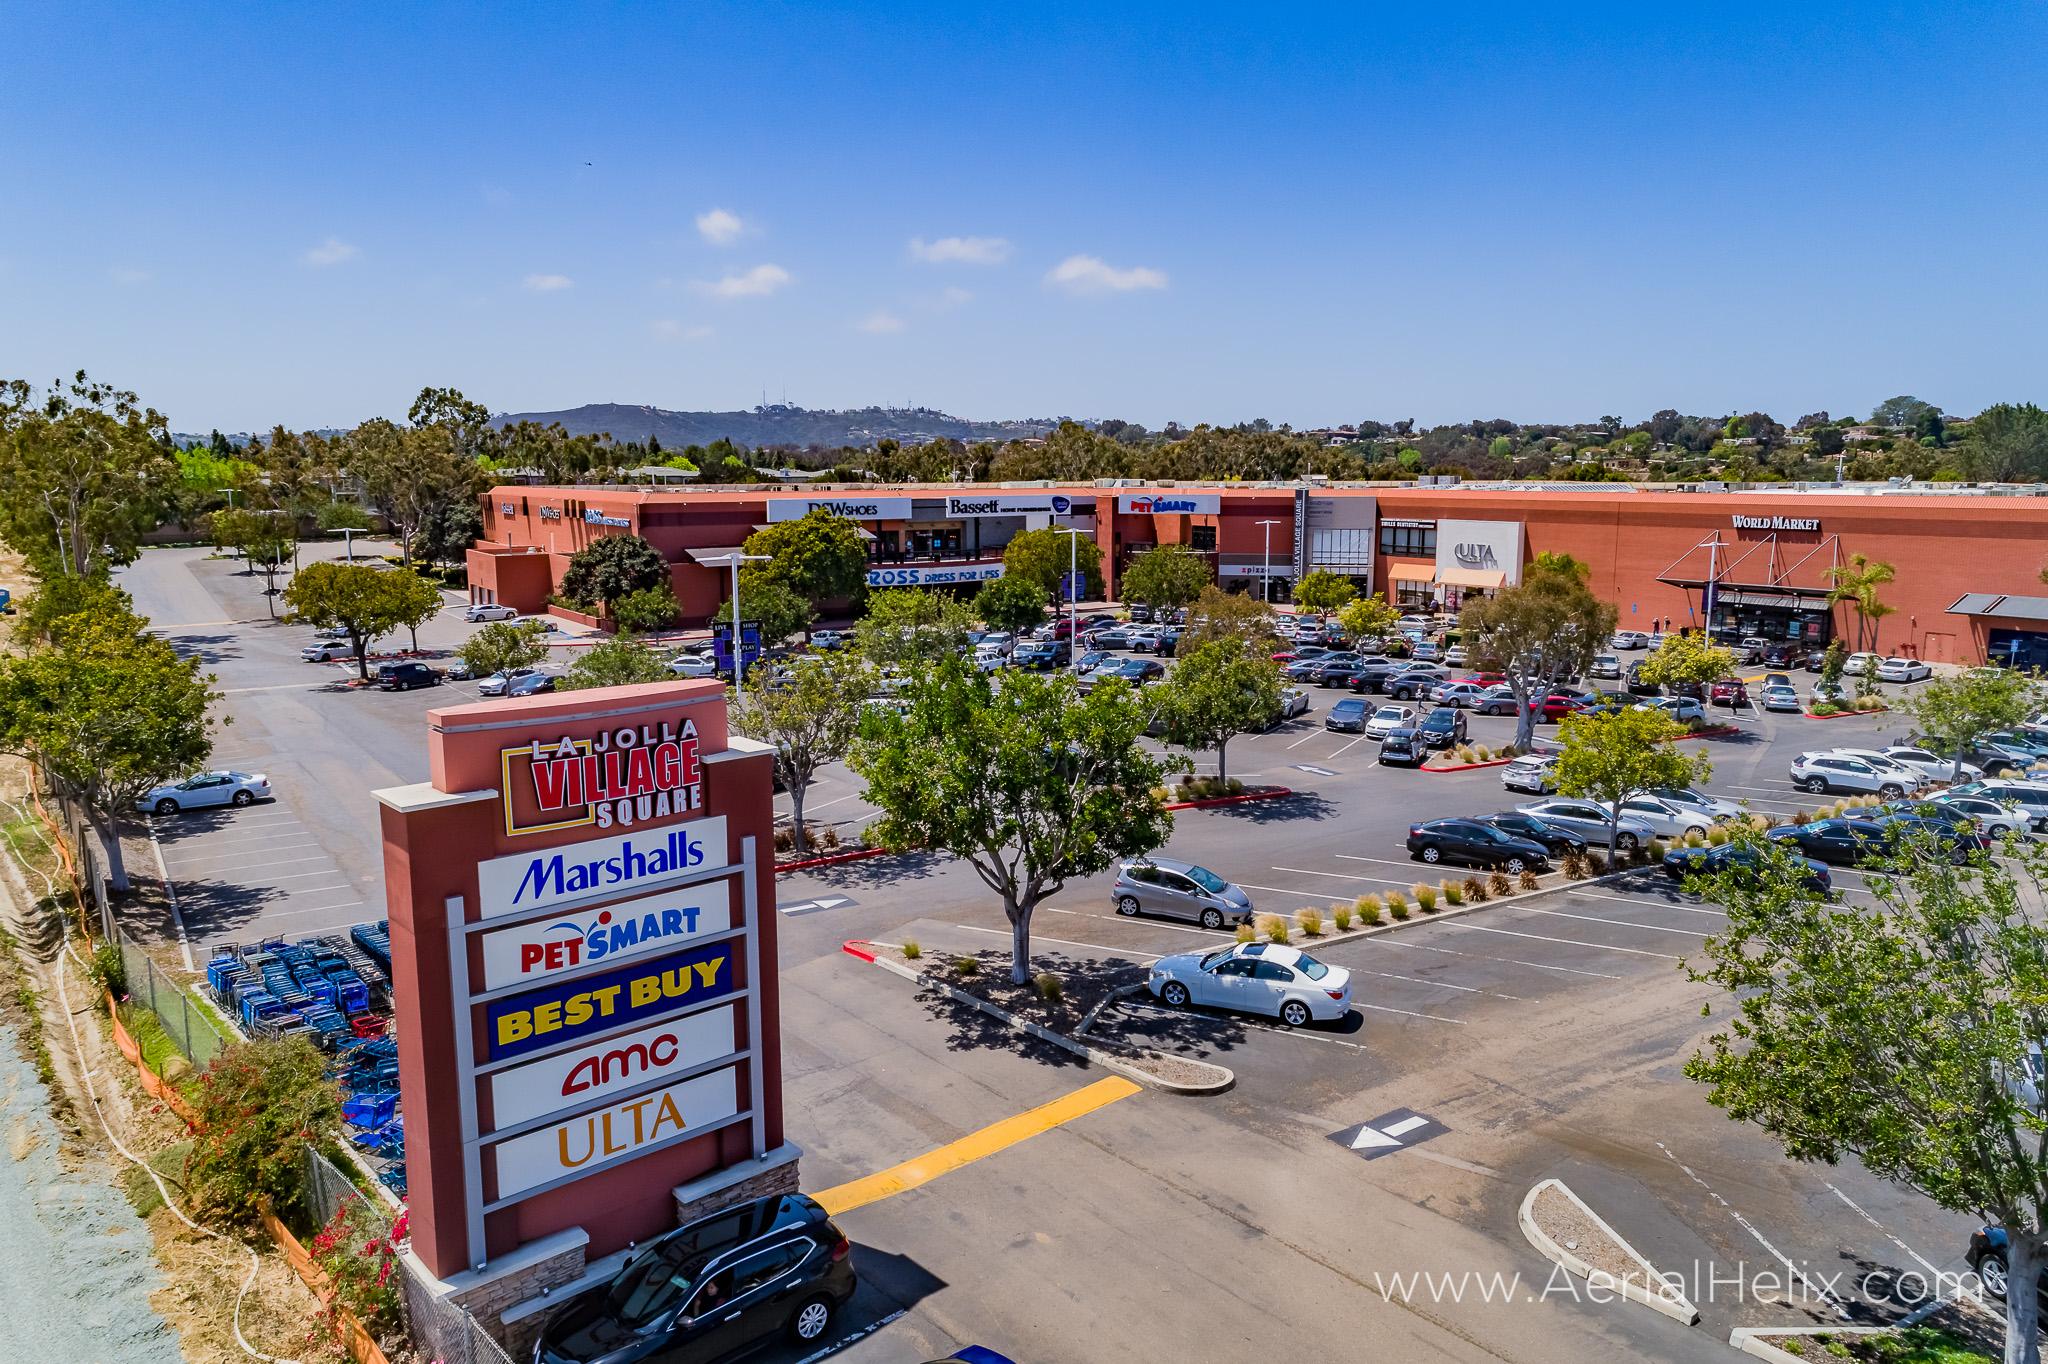 La Jolla Villa Shopping Center-30.jpg